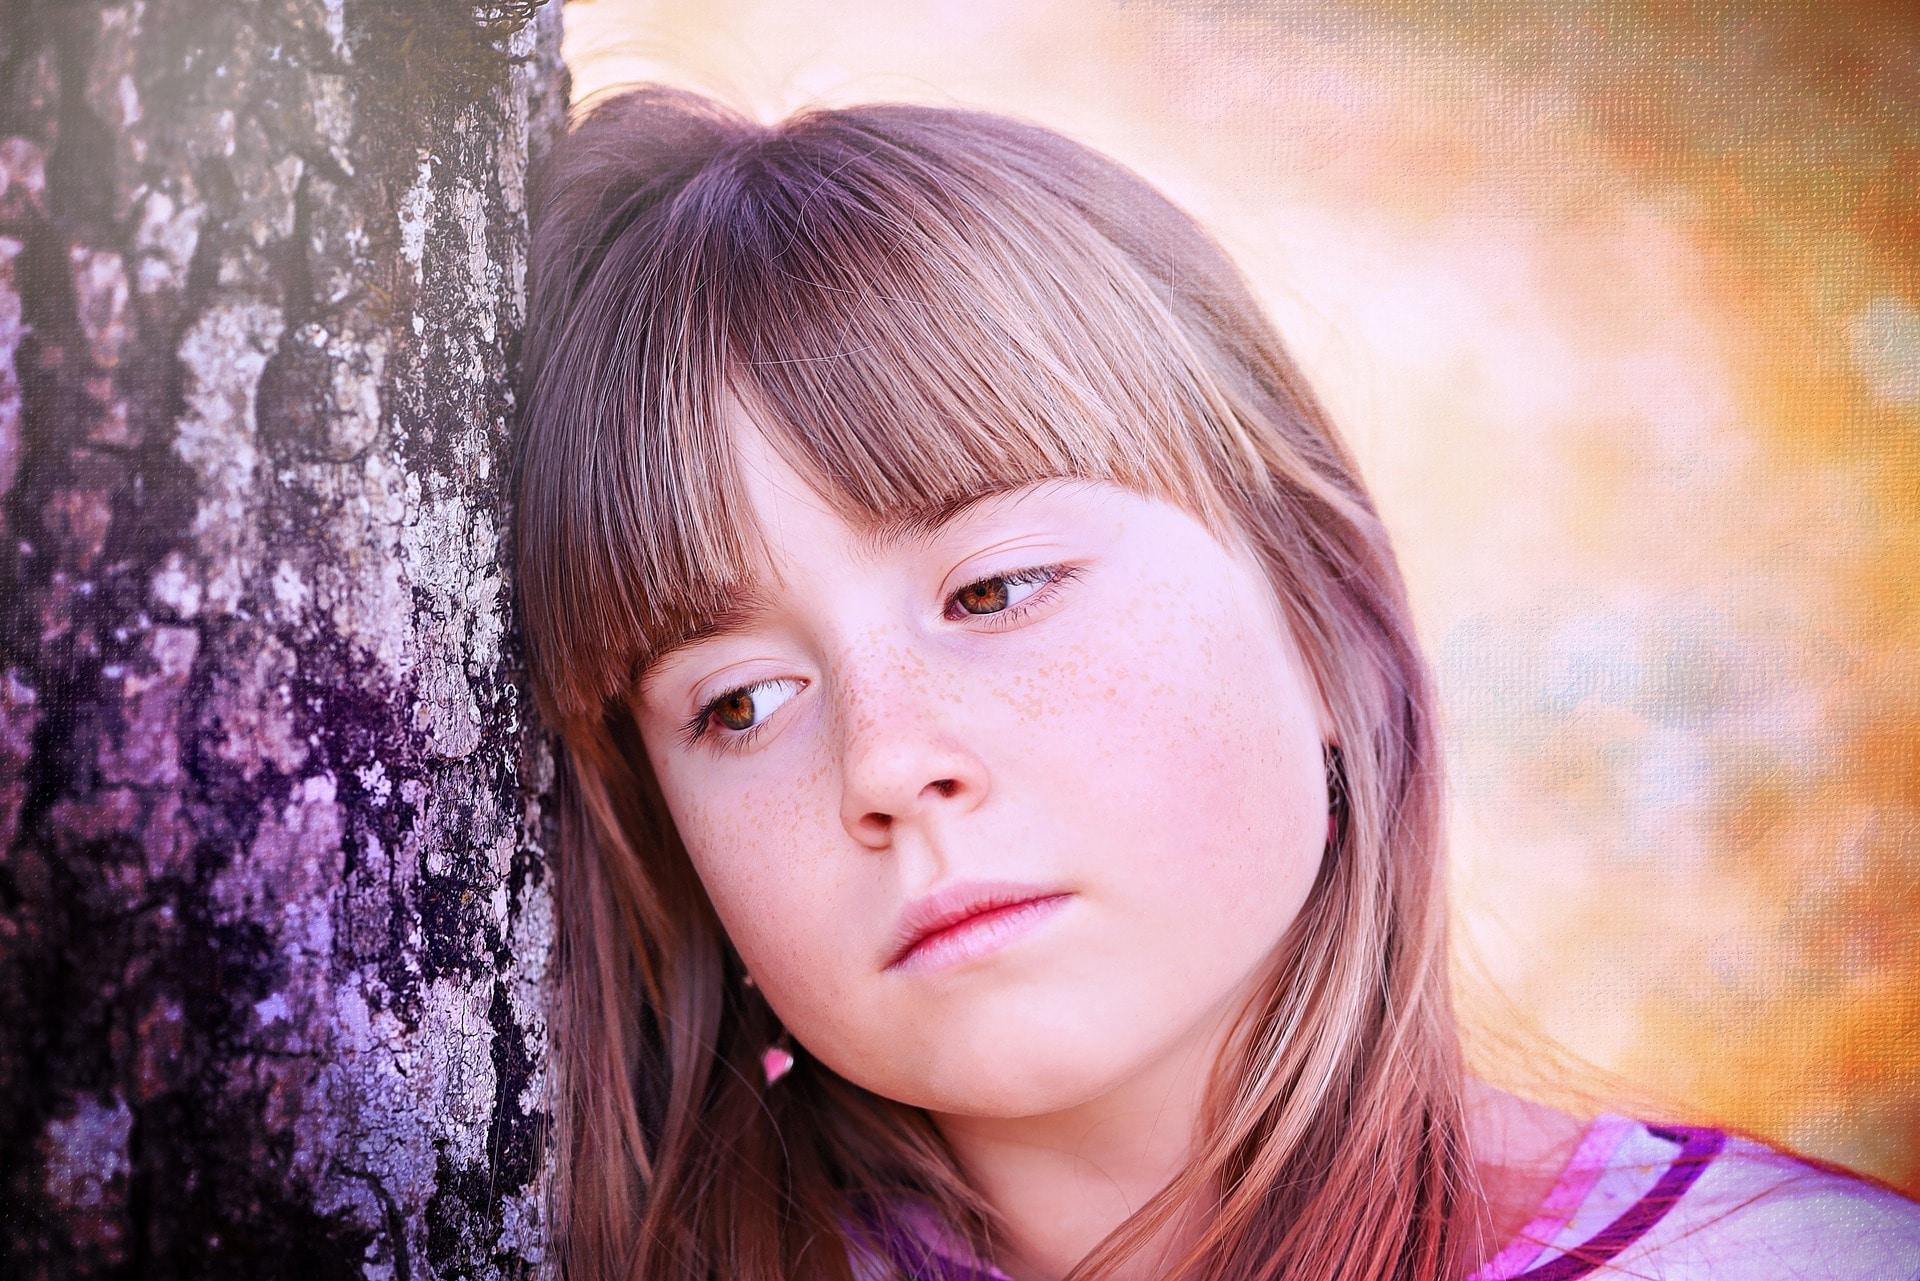 Child thinking - Infantile amnesia